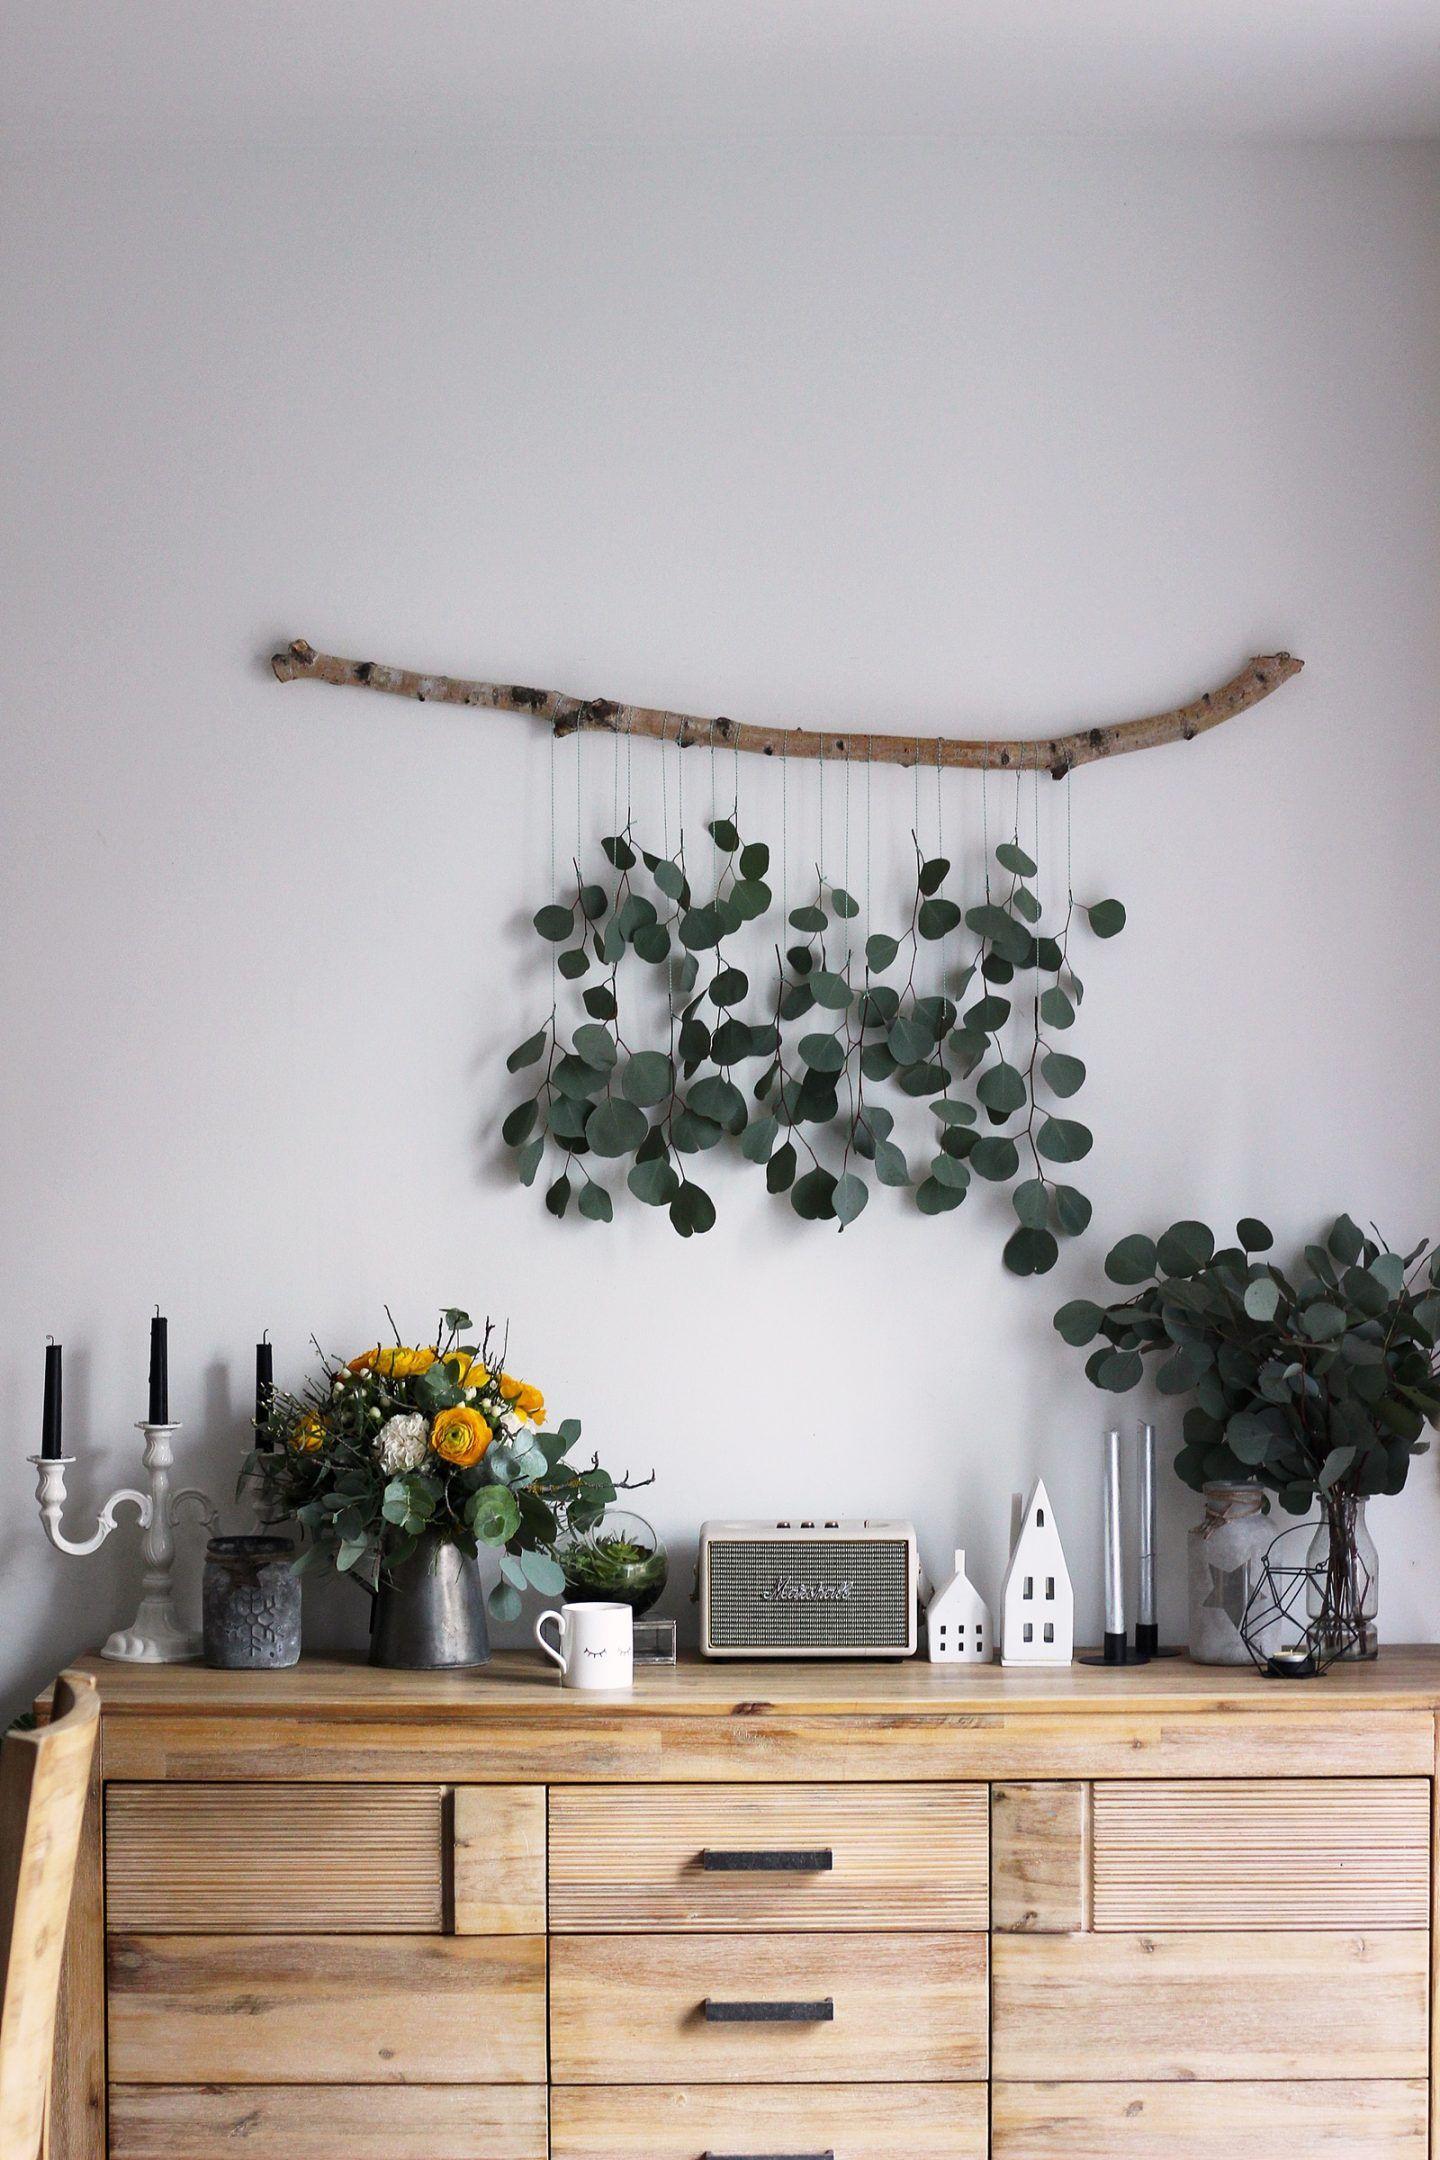 Living Diy Dekorationsidee Zum Selbermachen Eukalyptus Vorhang Fürs Wohnzimmer Vorhänge Fürs Wohnzimmer Dekorationsideen Dekoration Für Zimmer